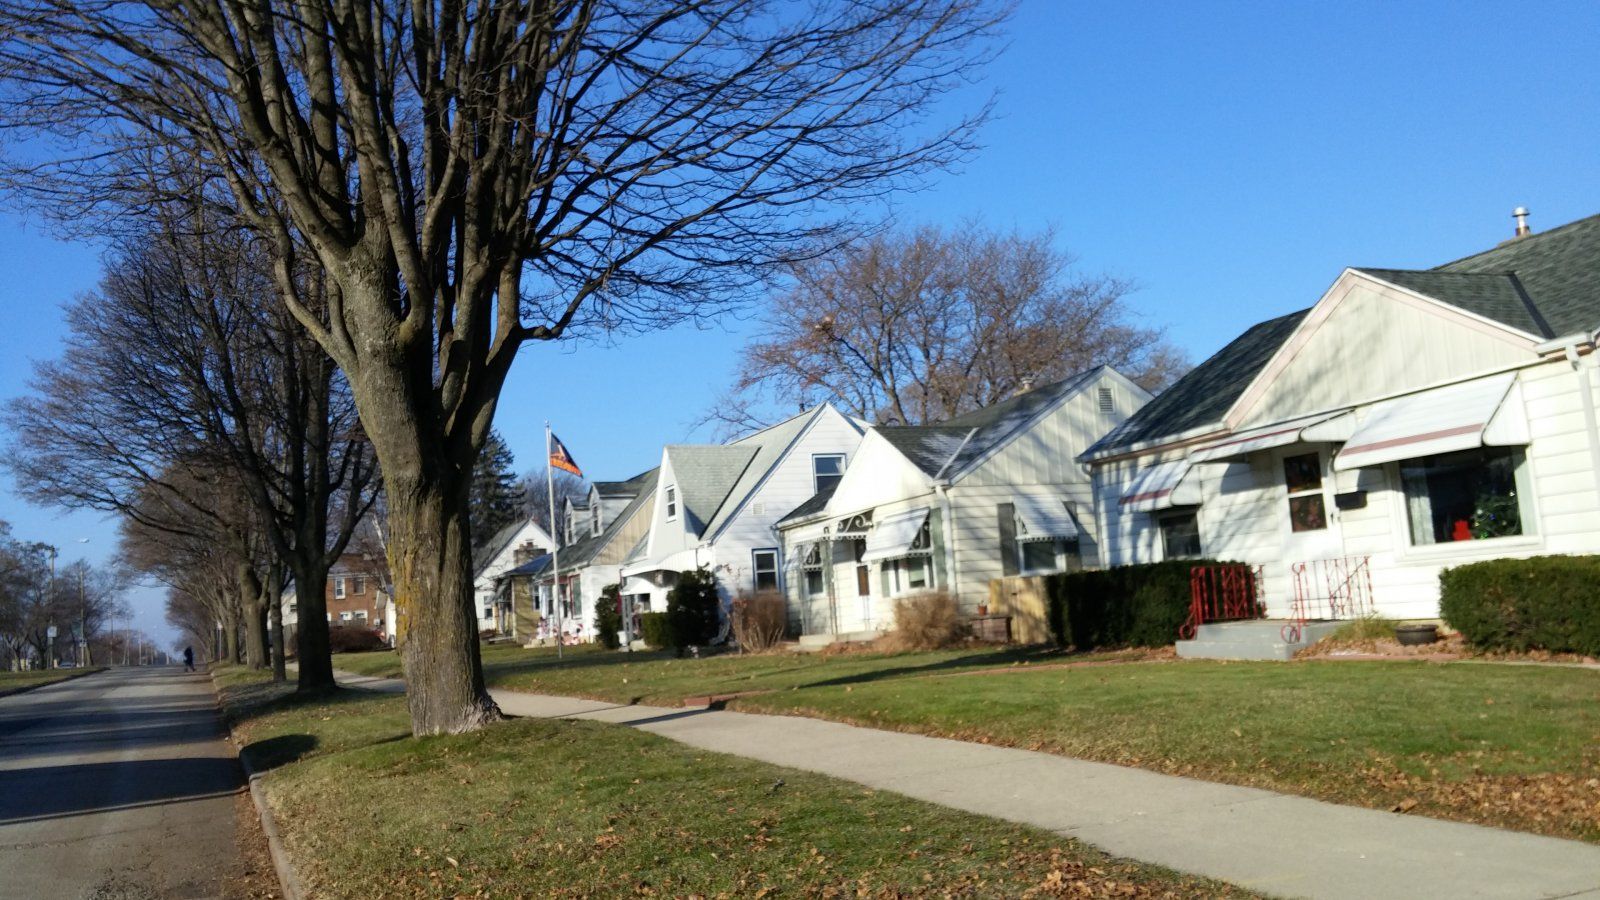 Homes on E. Howard Avenue